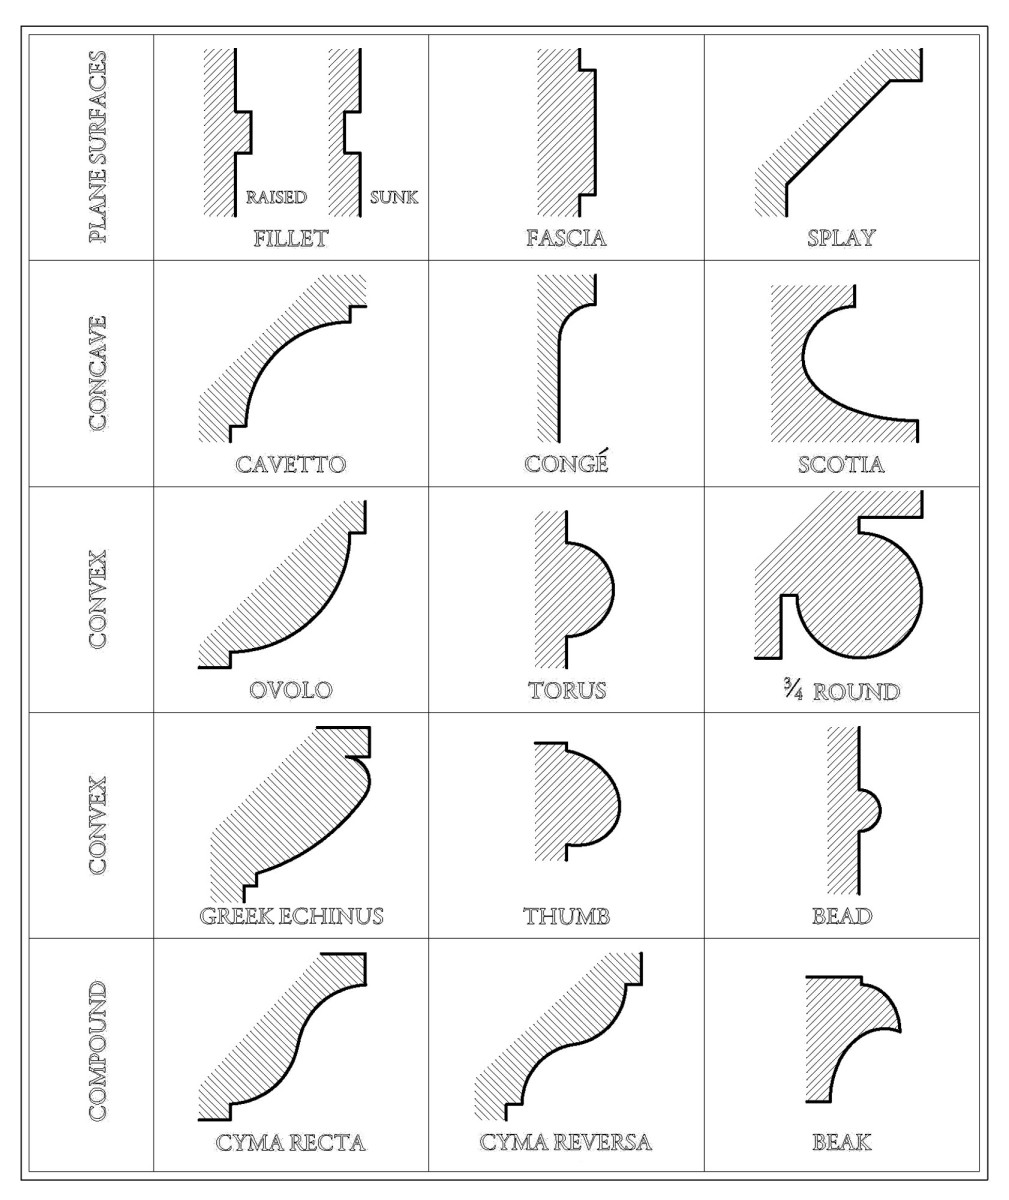 classic molding chart